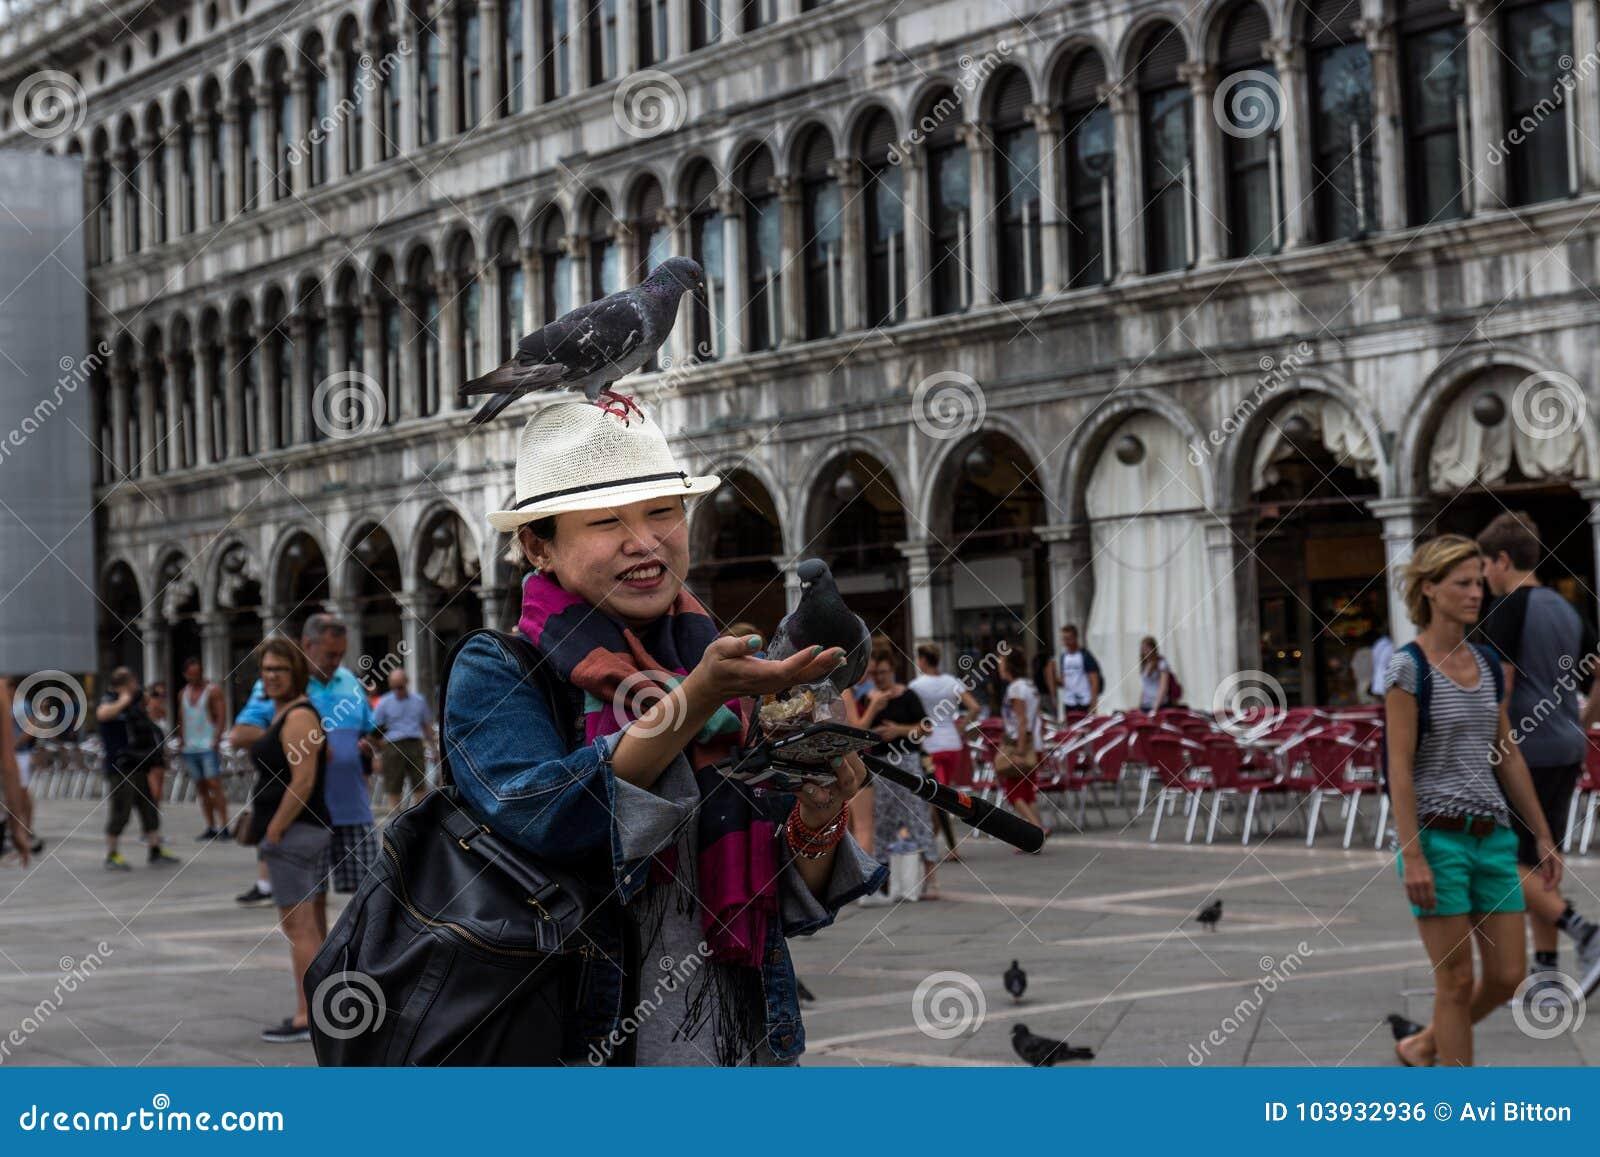 27 του Ιουνίου, σημάδια του ST τακτοποιούν, Βενετία, Ιταλία: Μερικά περιστέρια κάθονται σε ένα ιαπωνικό καπέλο γυναικών ` s, το ο